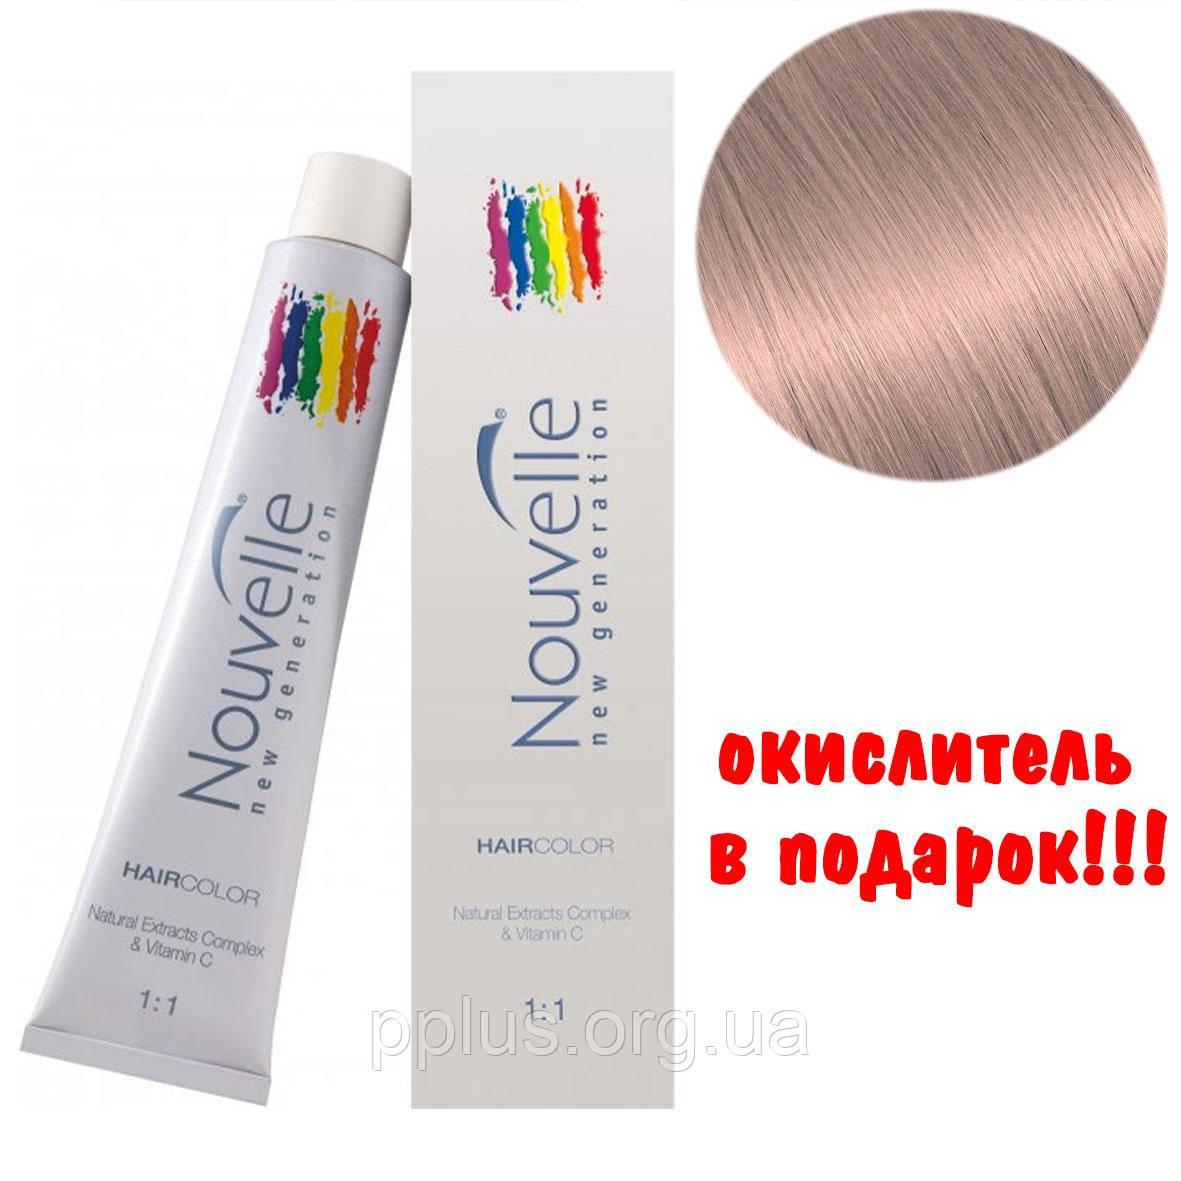 Краска для волос 9.720 Nouvelle Hair Color Очень светлый коричнево-фиолетовый блондин 100 мл